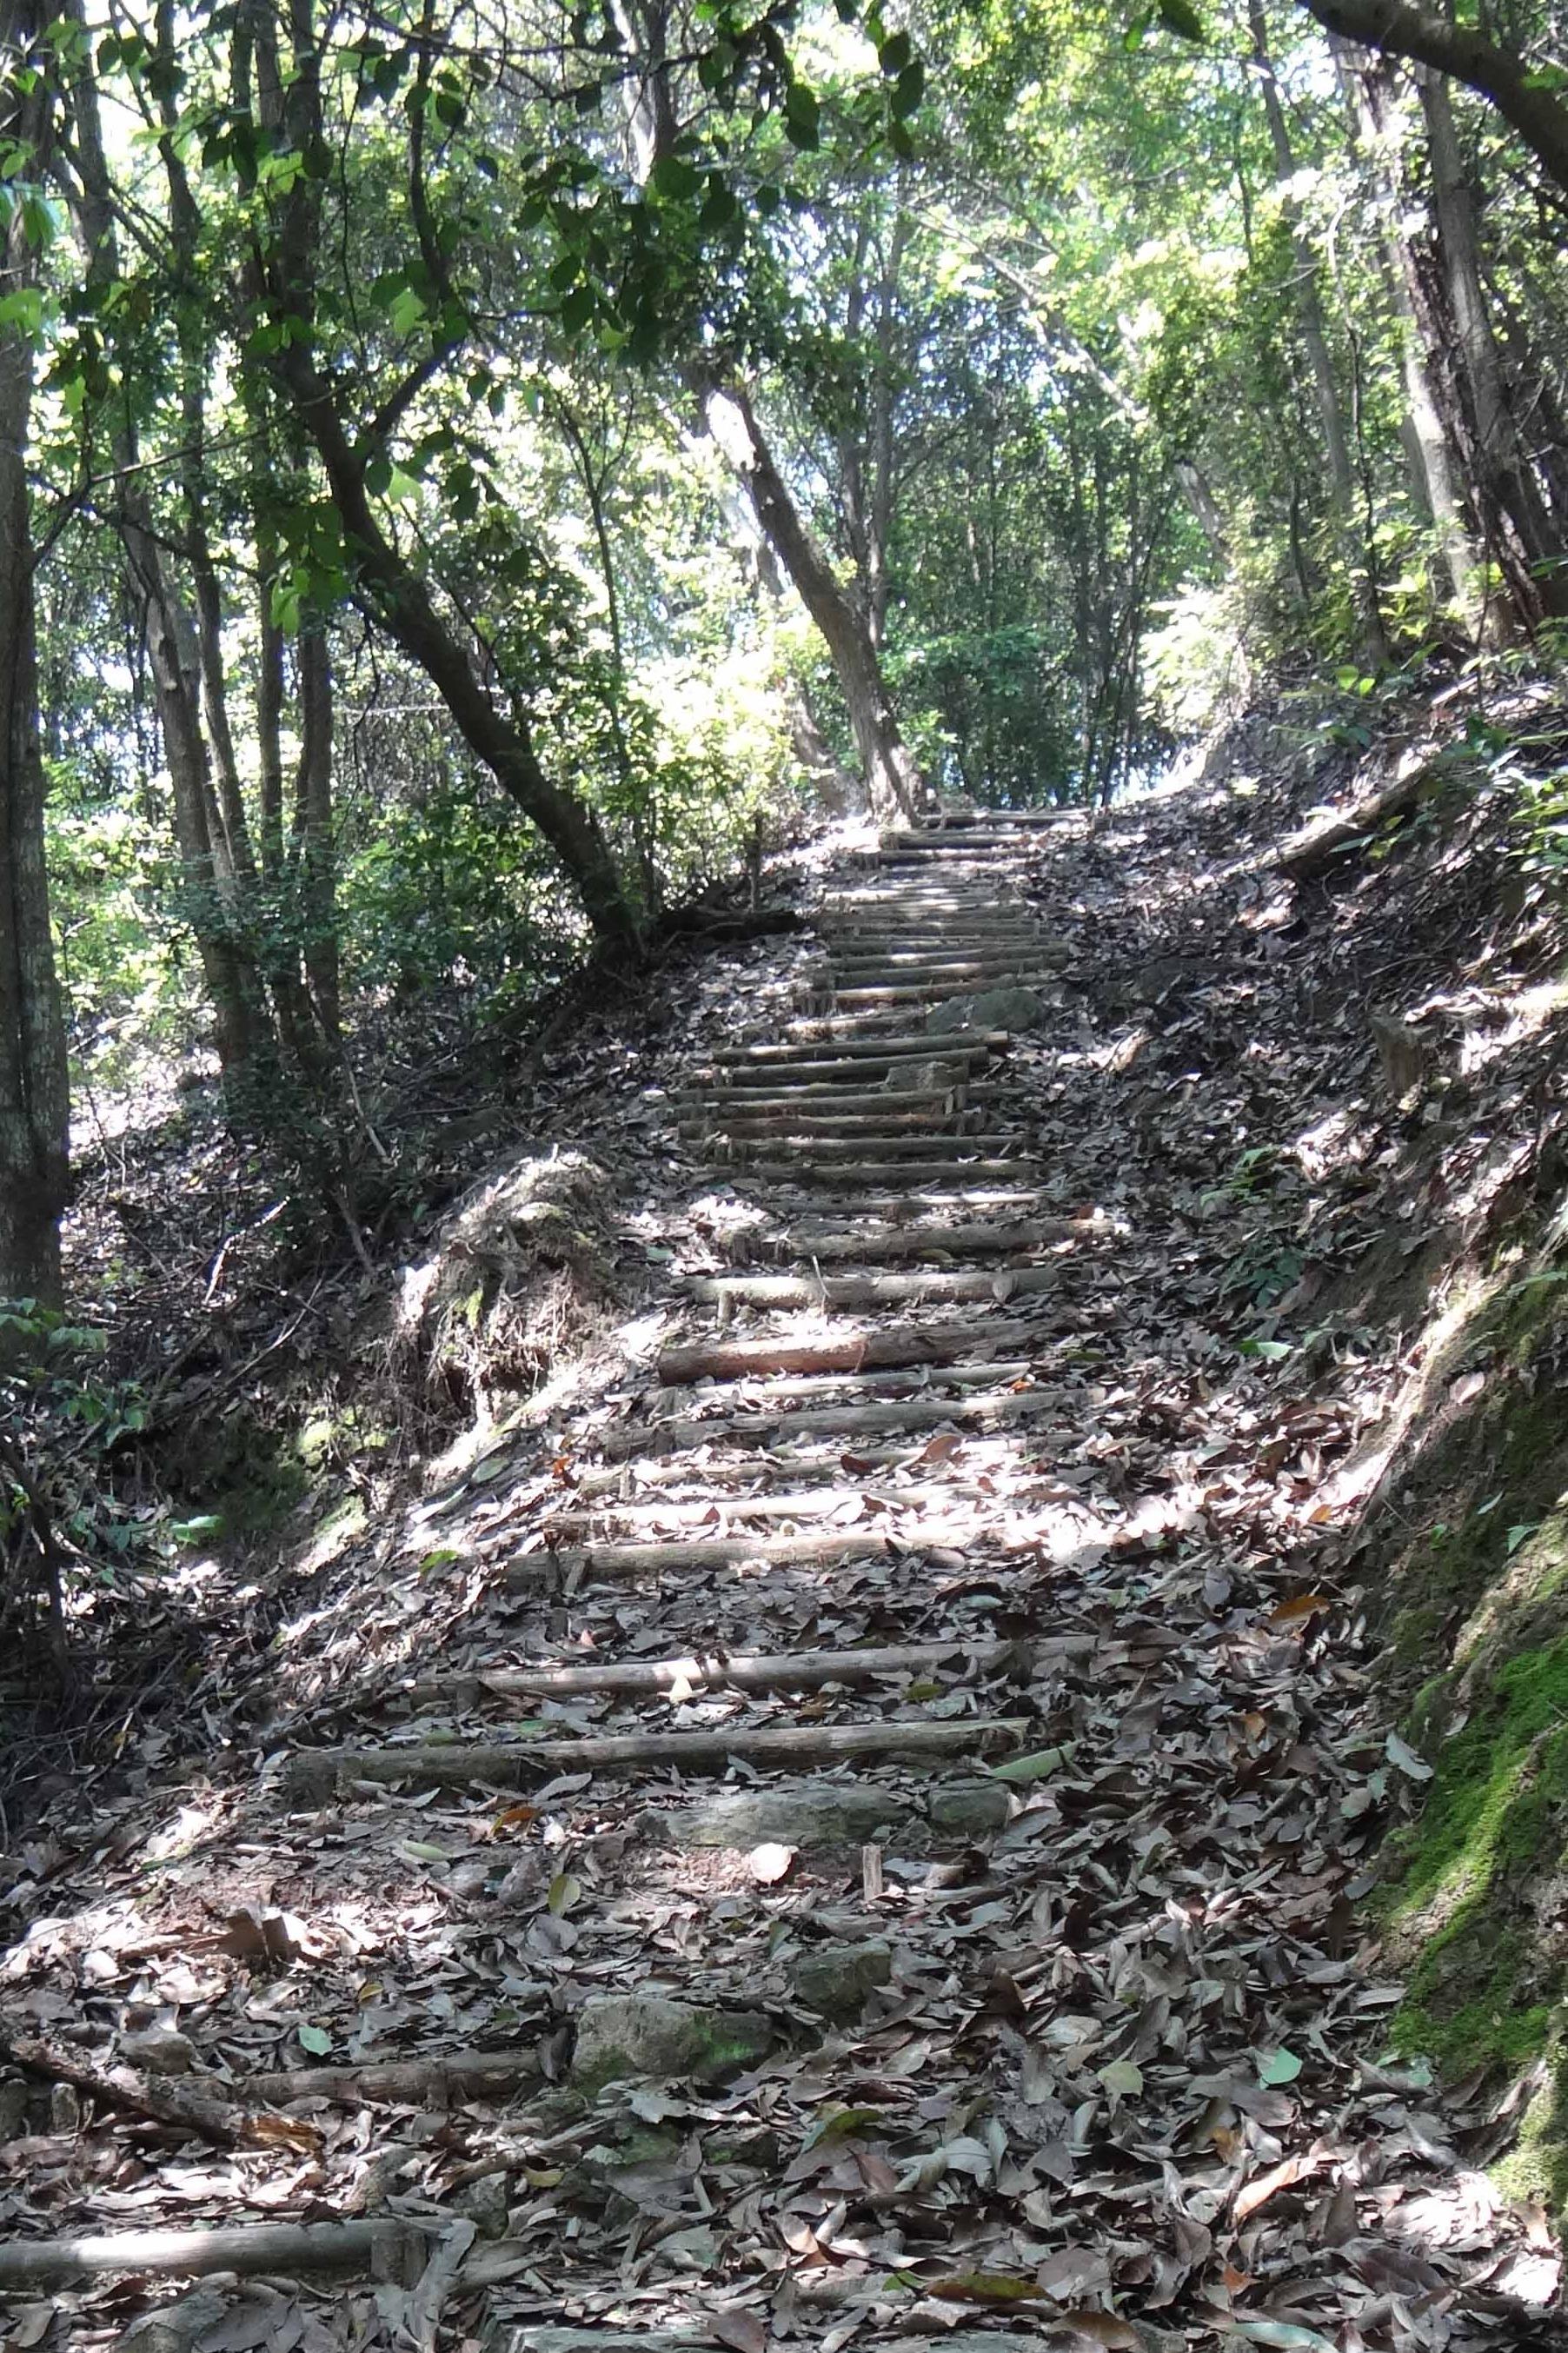 7月16日(周六)龙观迷人谷中坡山公园爬山戏水活动